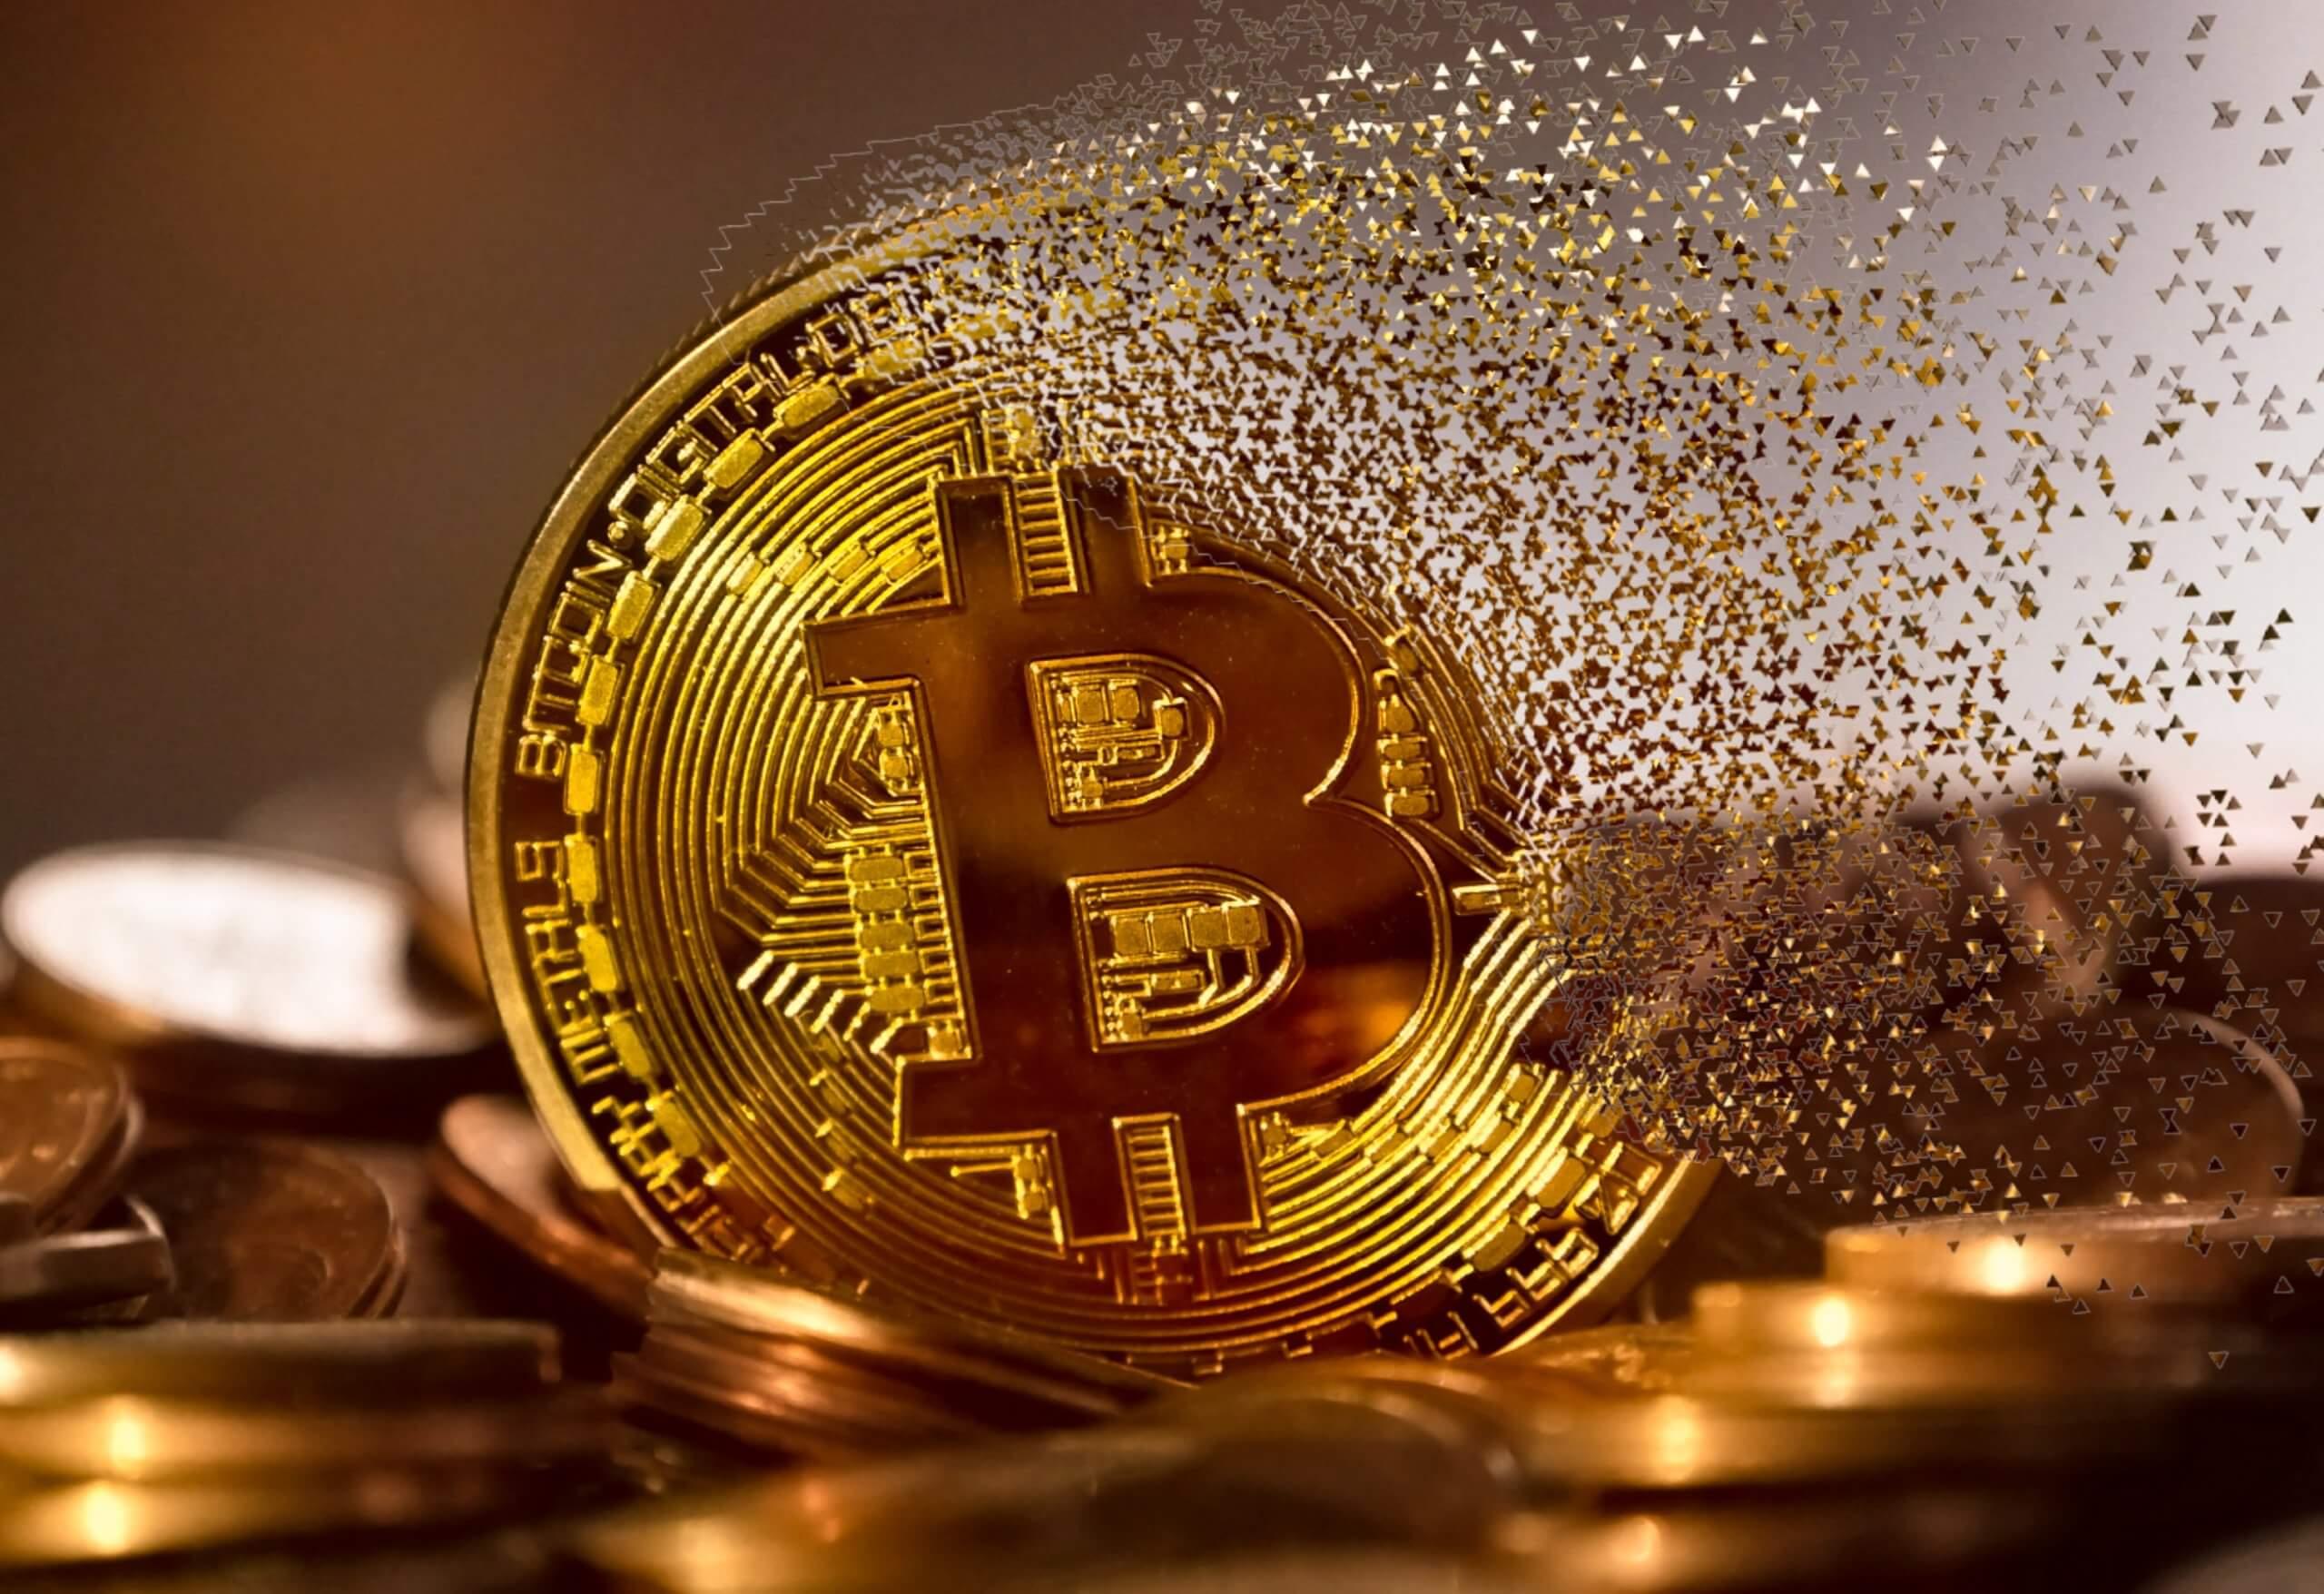 kryptowährungshandel epub müssen sie 18 jahre alt sein, um in bitcoin zu investieren?